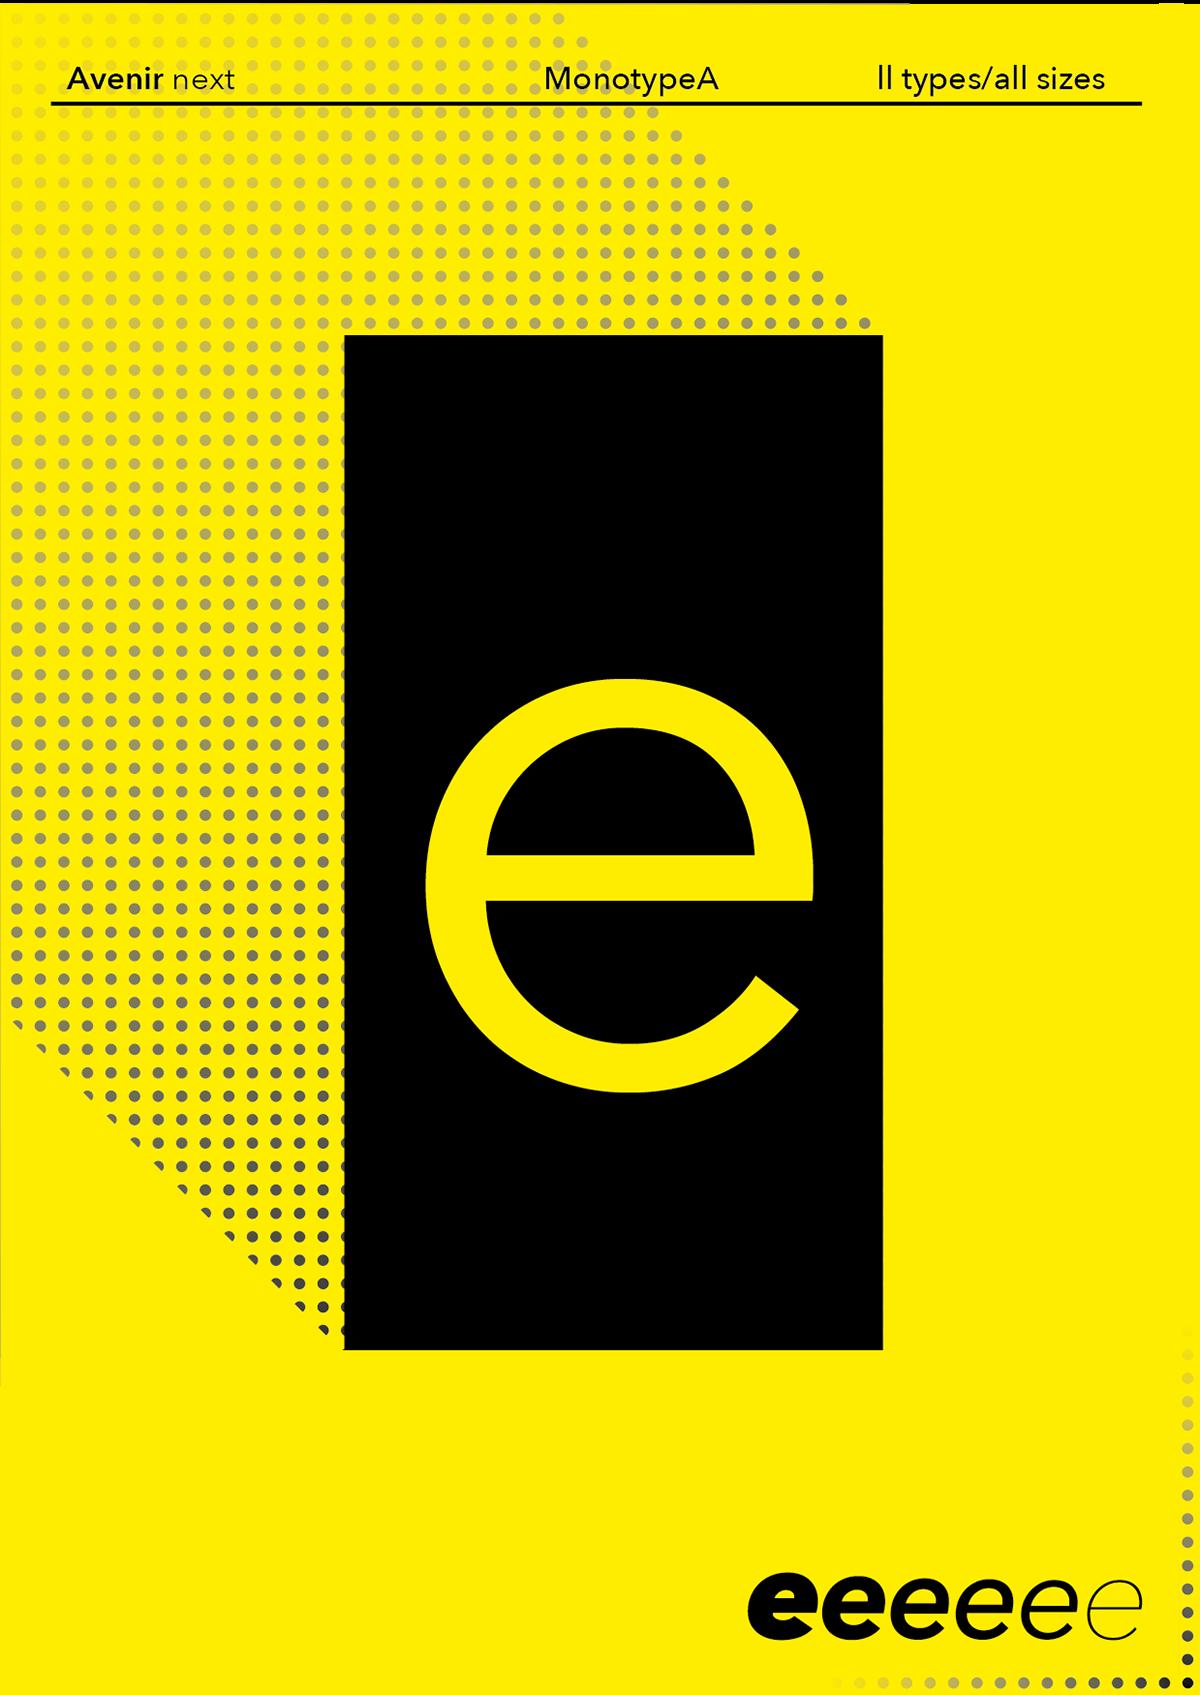 lonely nerd / graphic design - Avenir-Next Specimen